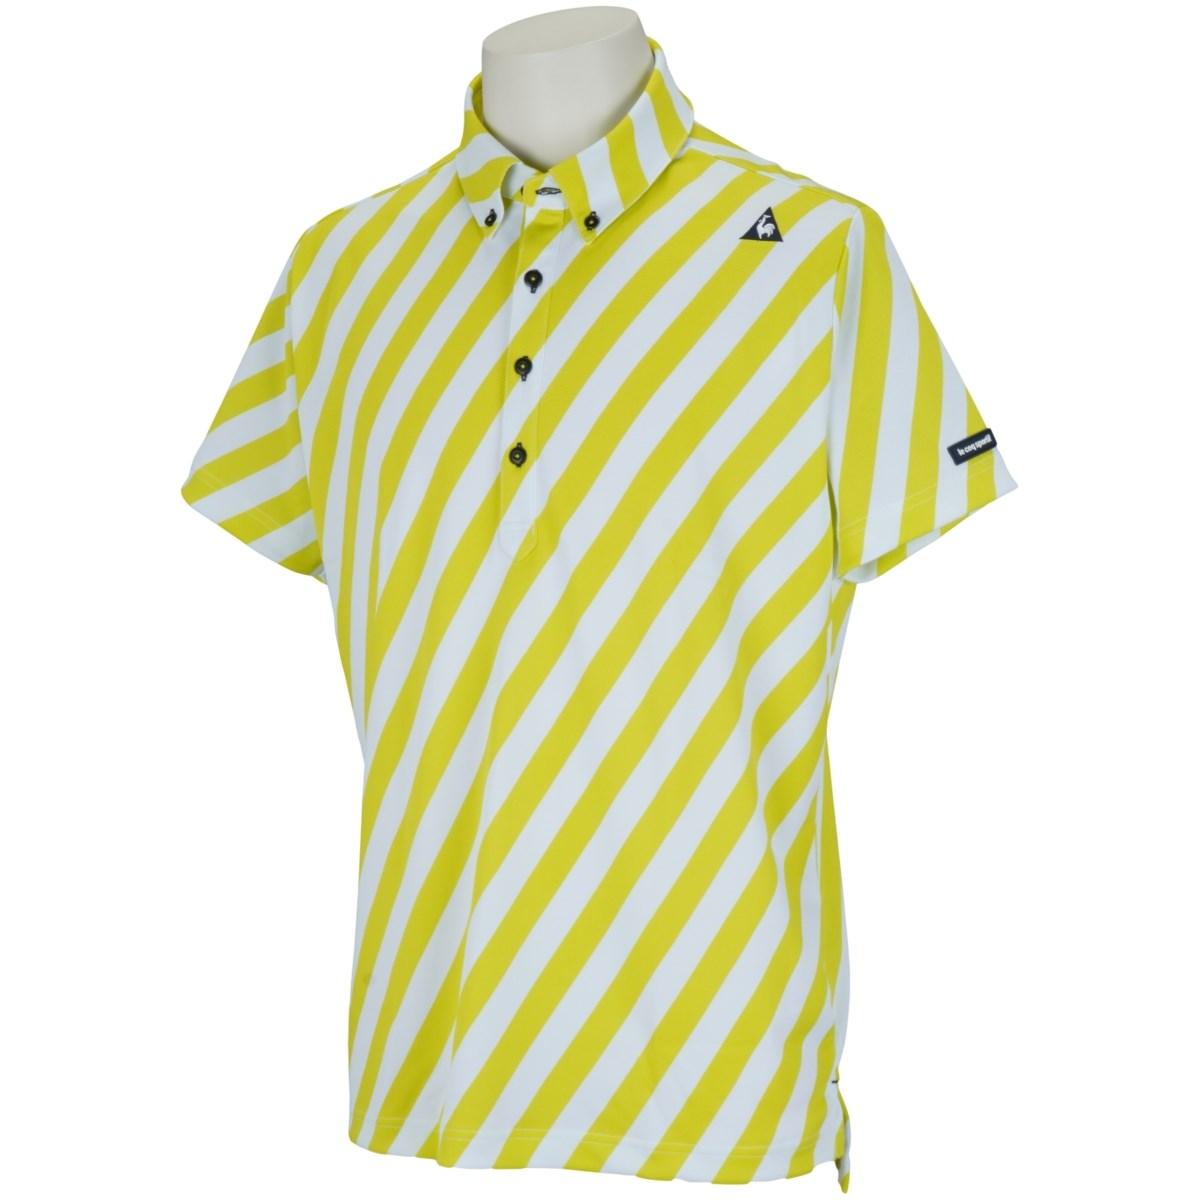 ルコックゴルフ ストライプ柄半袖ポロシャツ